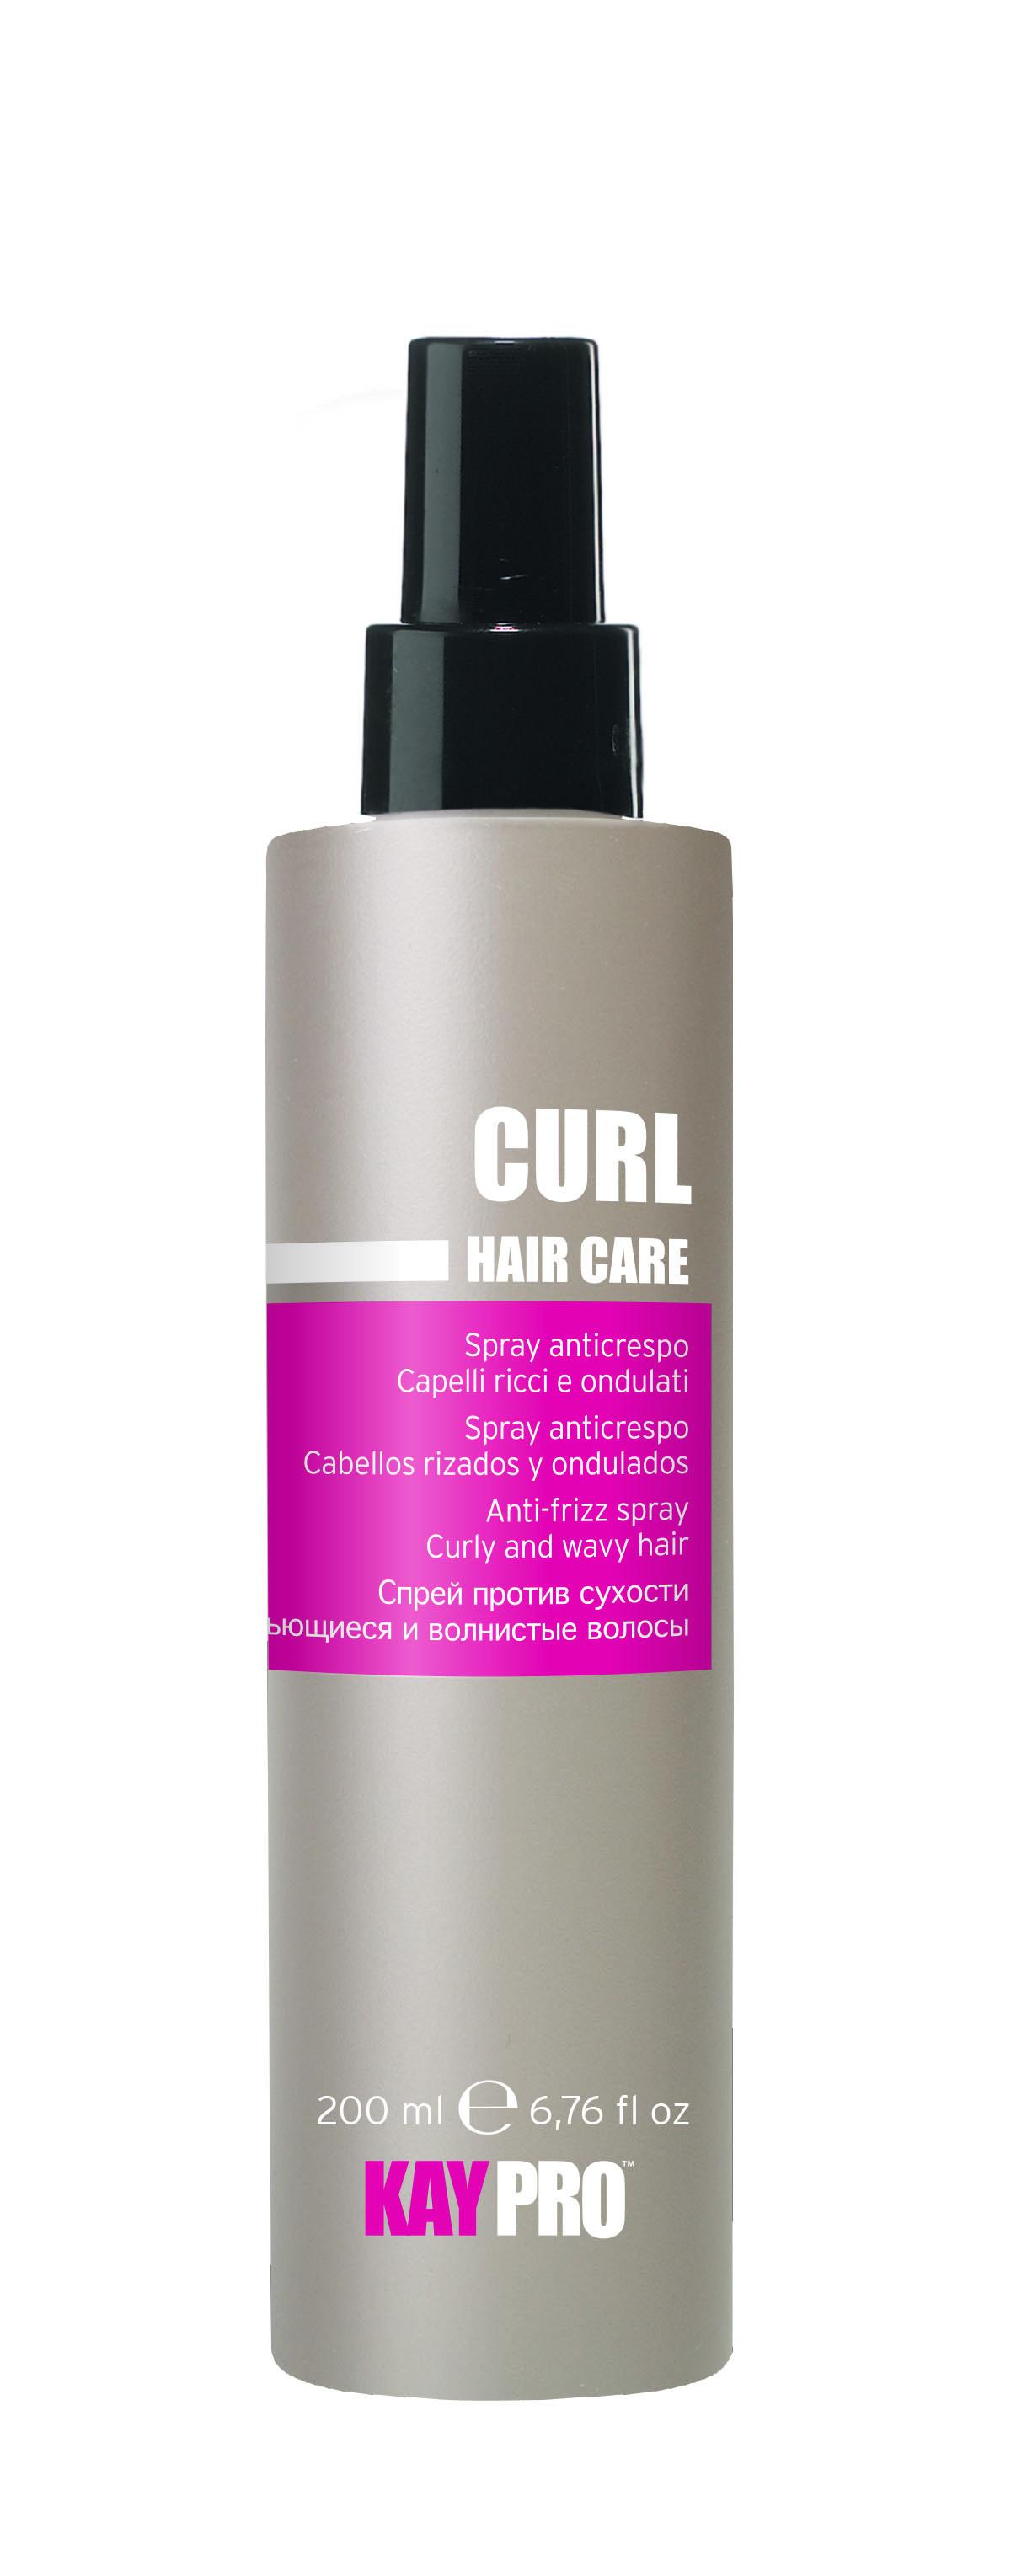 KAYPRO Спрей против сухости / KAYPRO 200мл систем 4 восстановитель волос терапевтический с хитозаном r спрей 200мл